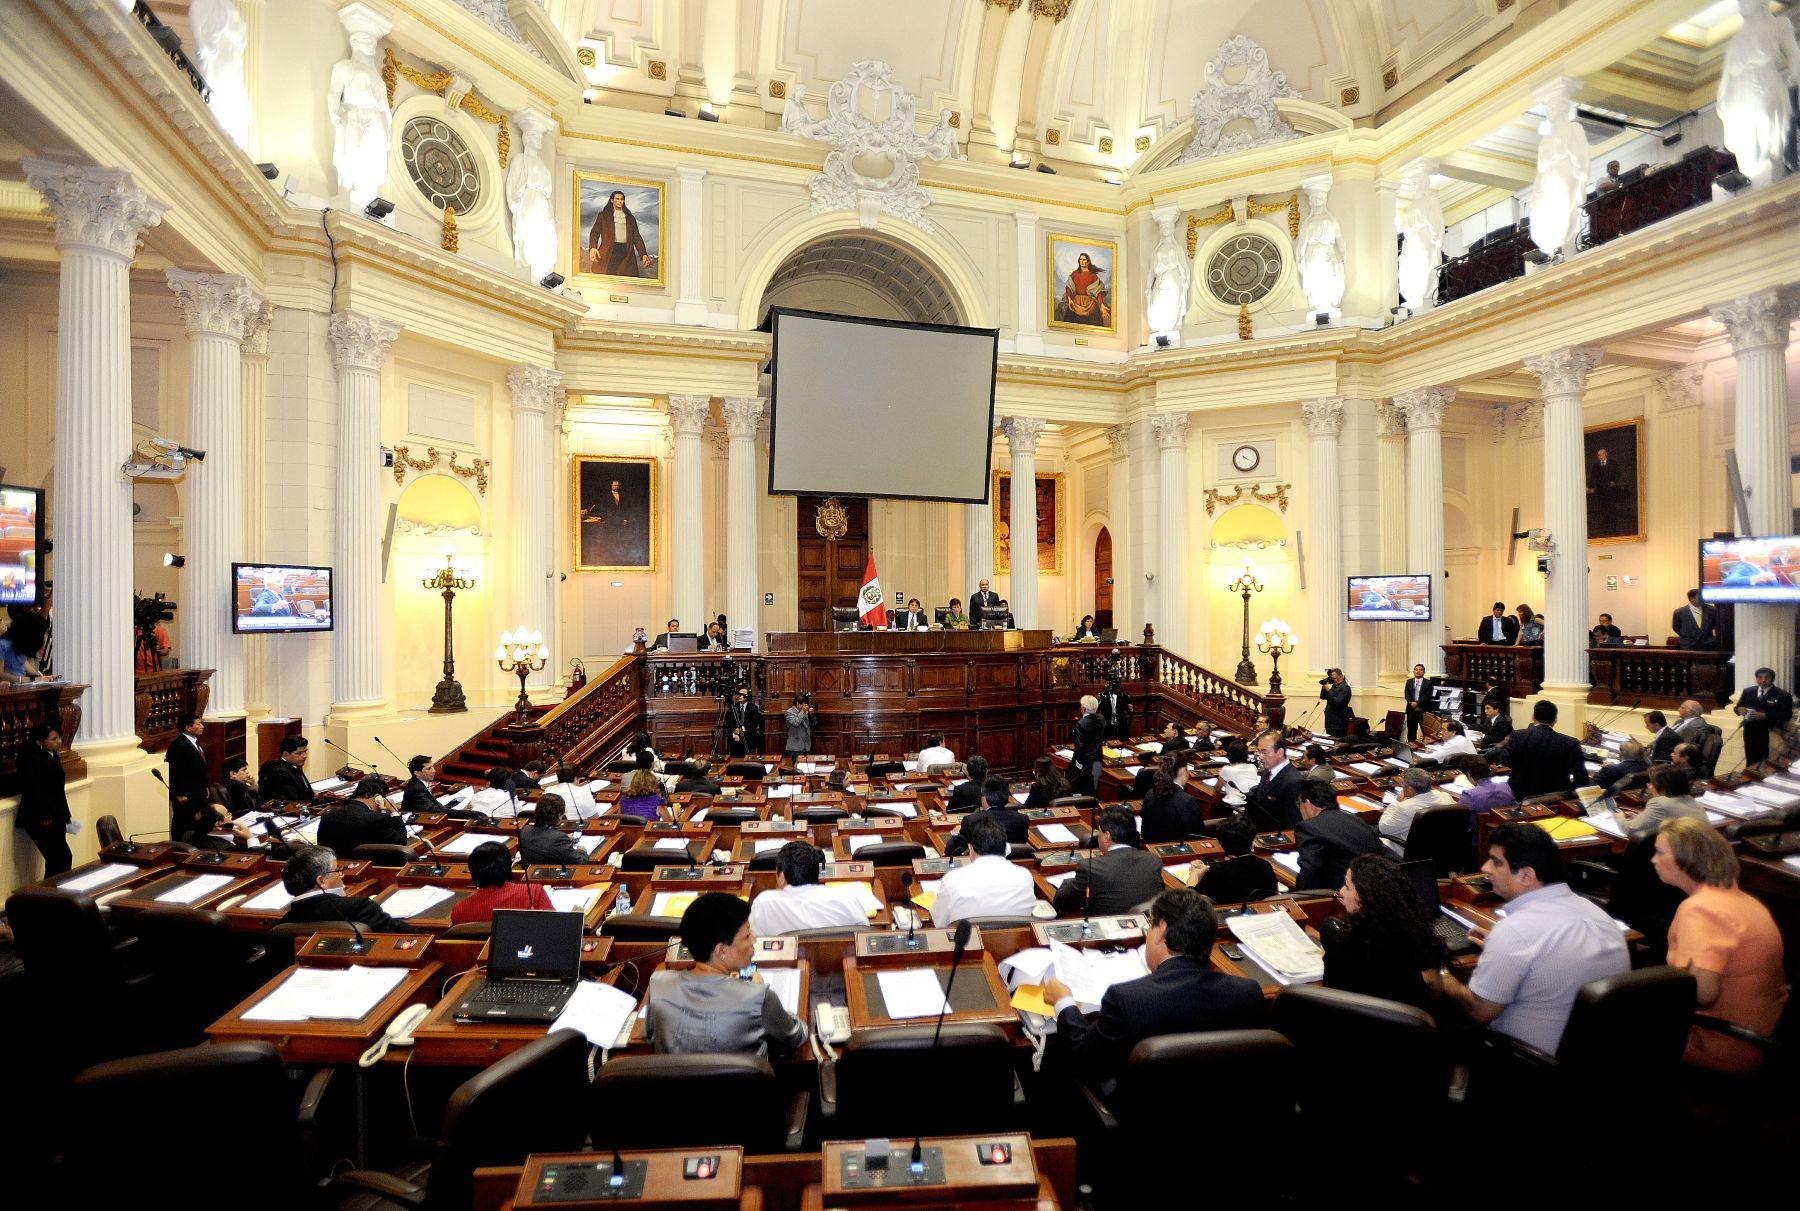 La Mesa Directiva del Congreso, encabezada por su presidente César Zumaeta Flores, conduce la sesión matutina del Pleno realizada hoy en el hemiciclo Raúl Porras Barrenechea. Foto: ANDINA / CDR.